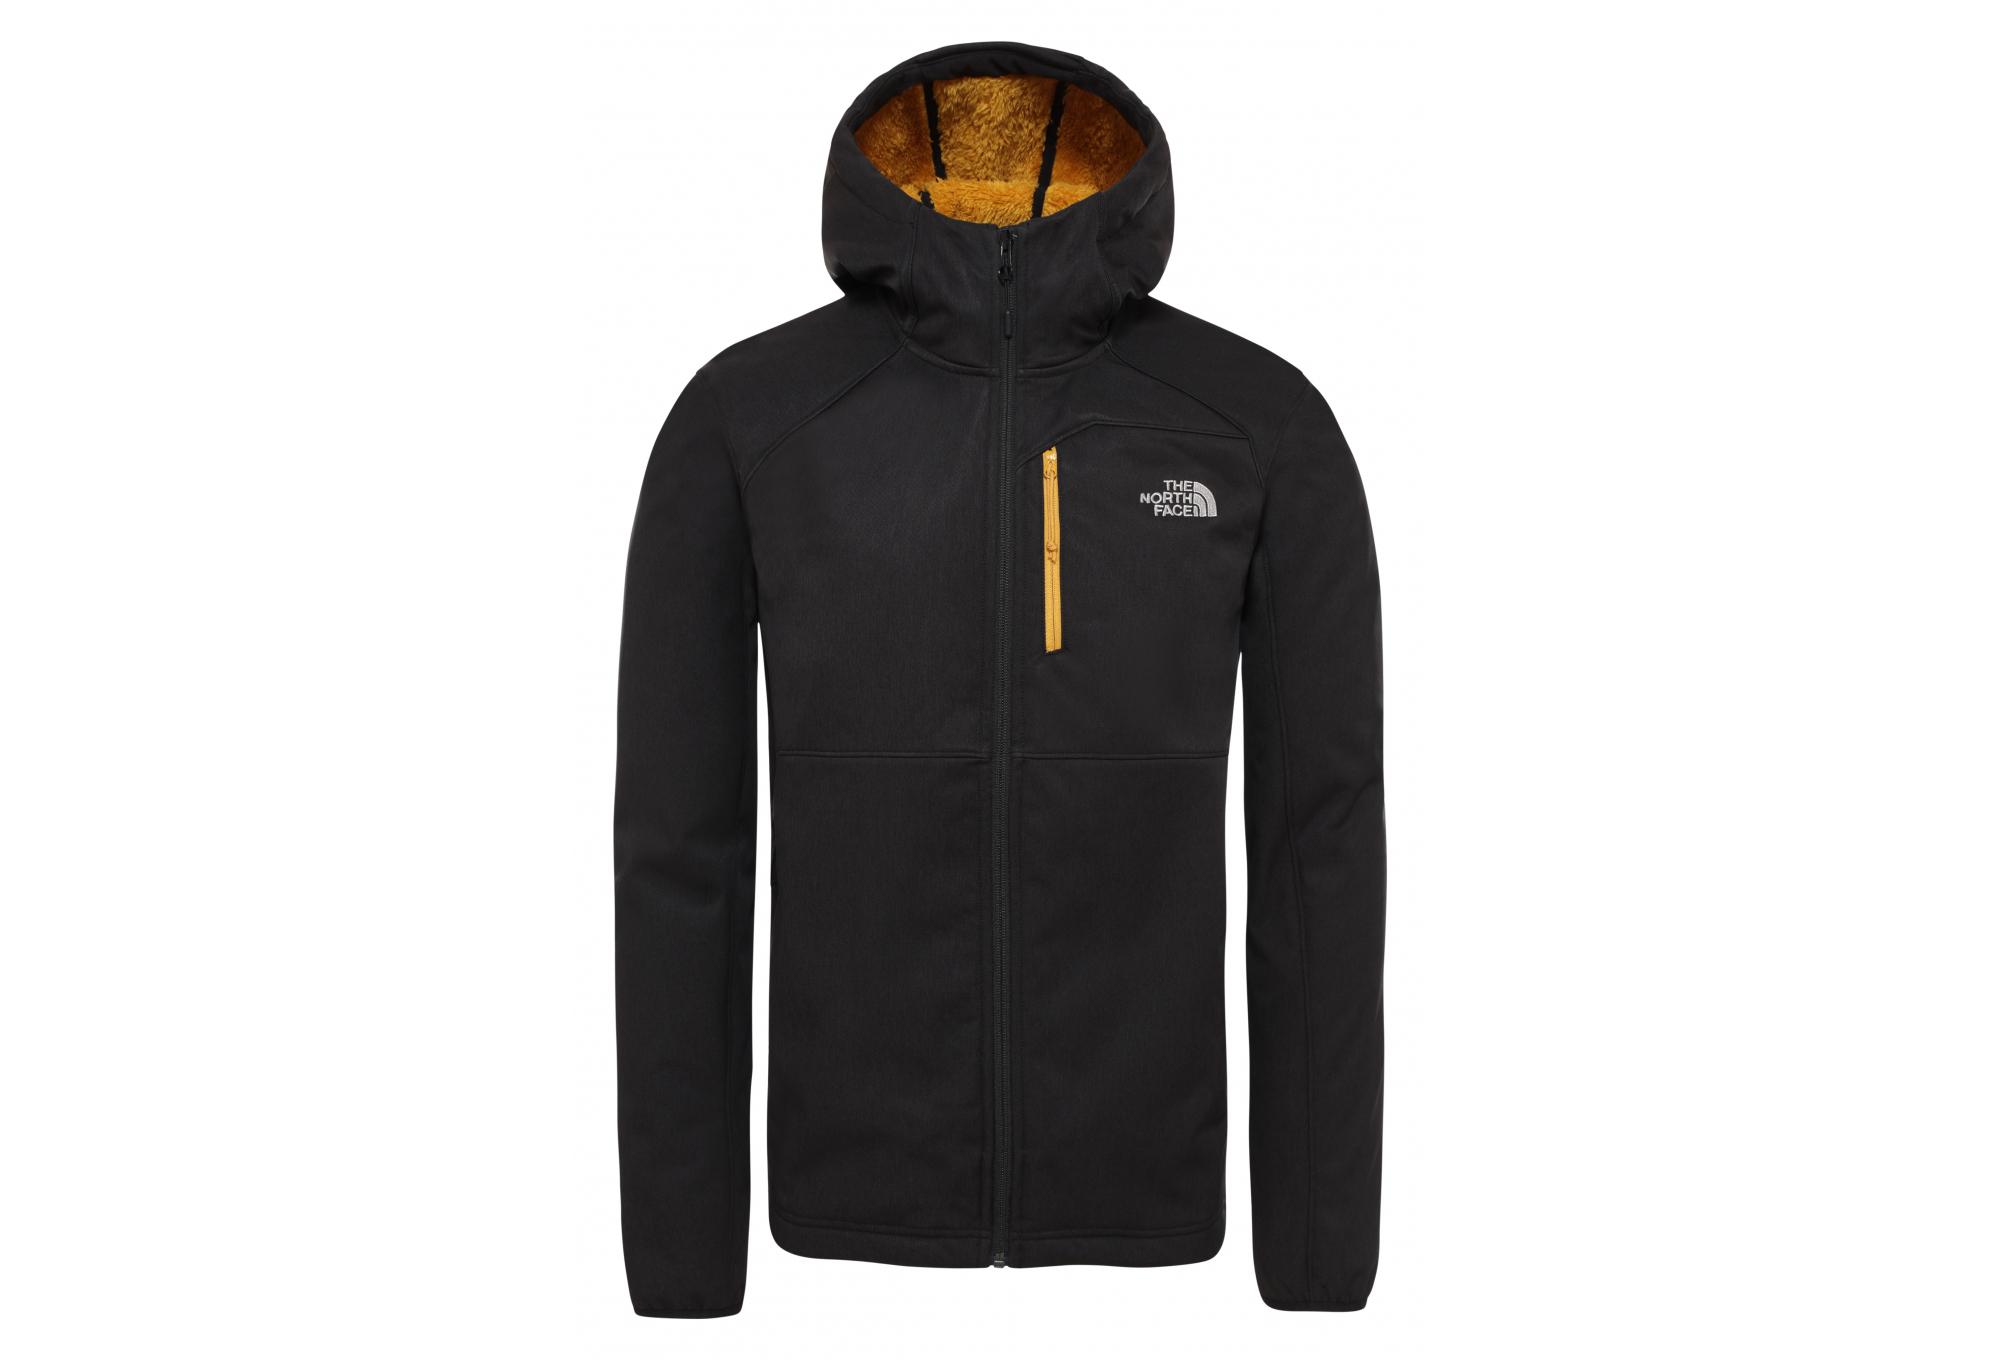 Najlepiej sprzedawca detaliczny zakupy The North Face Quest Hooded Softshell Jacket Black